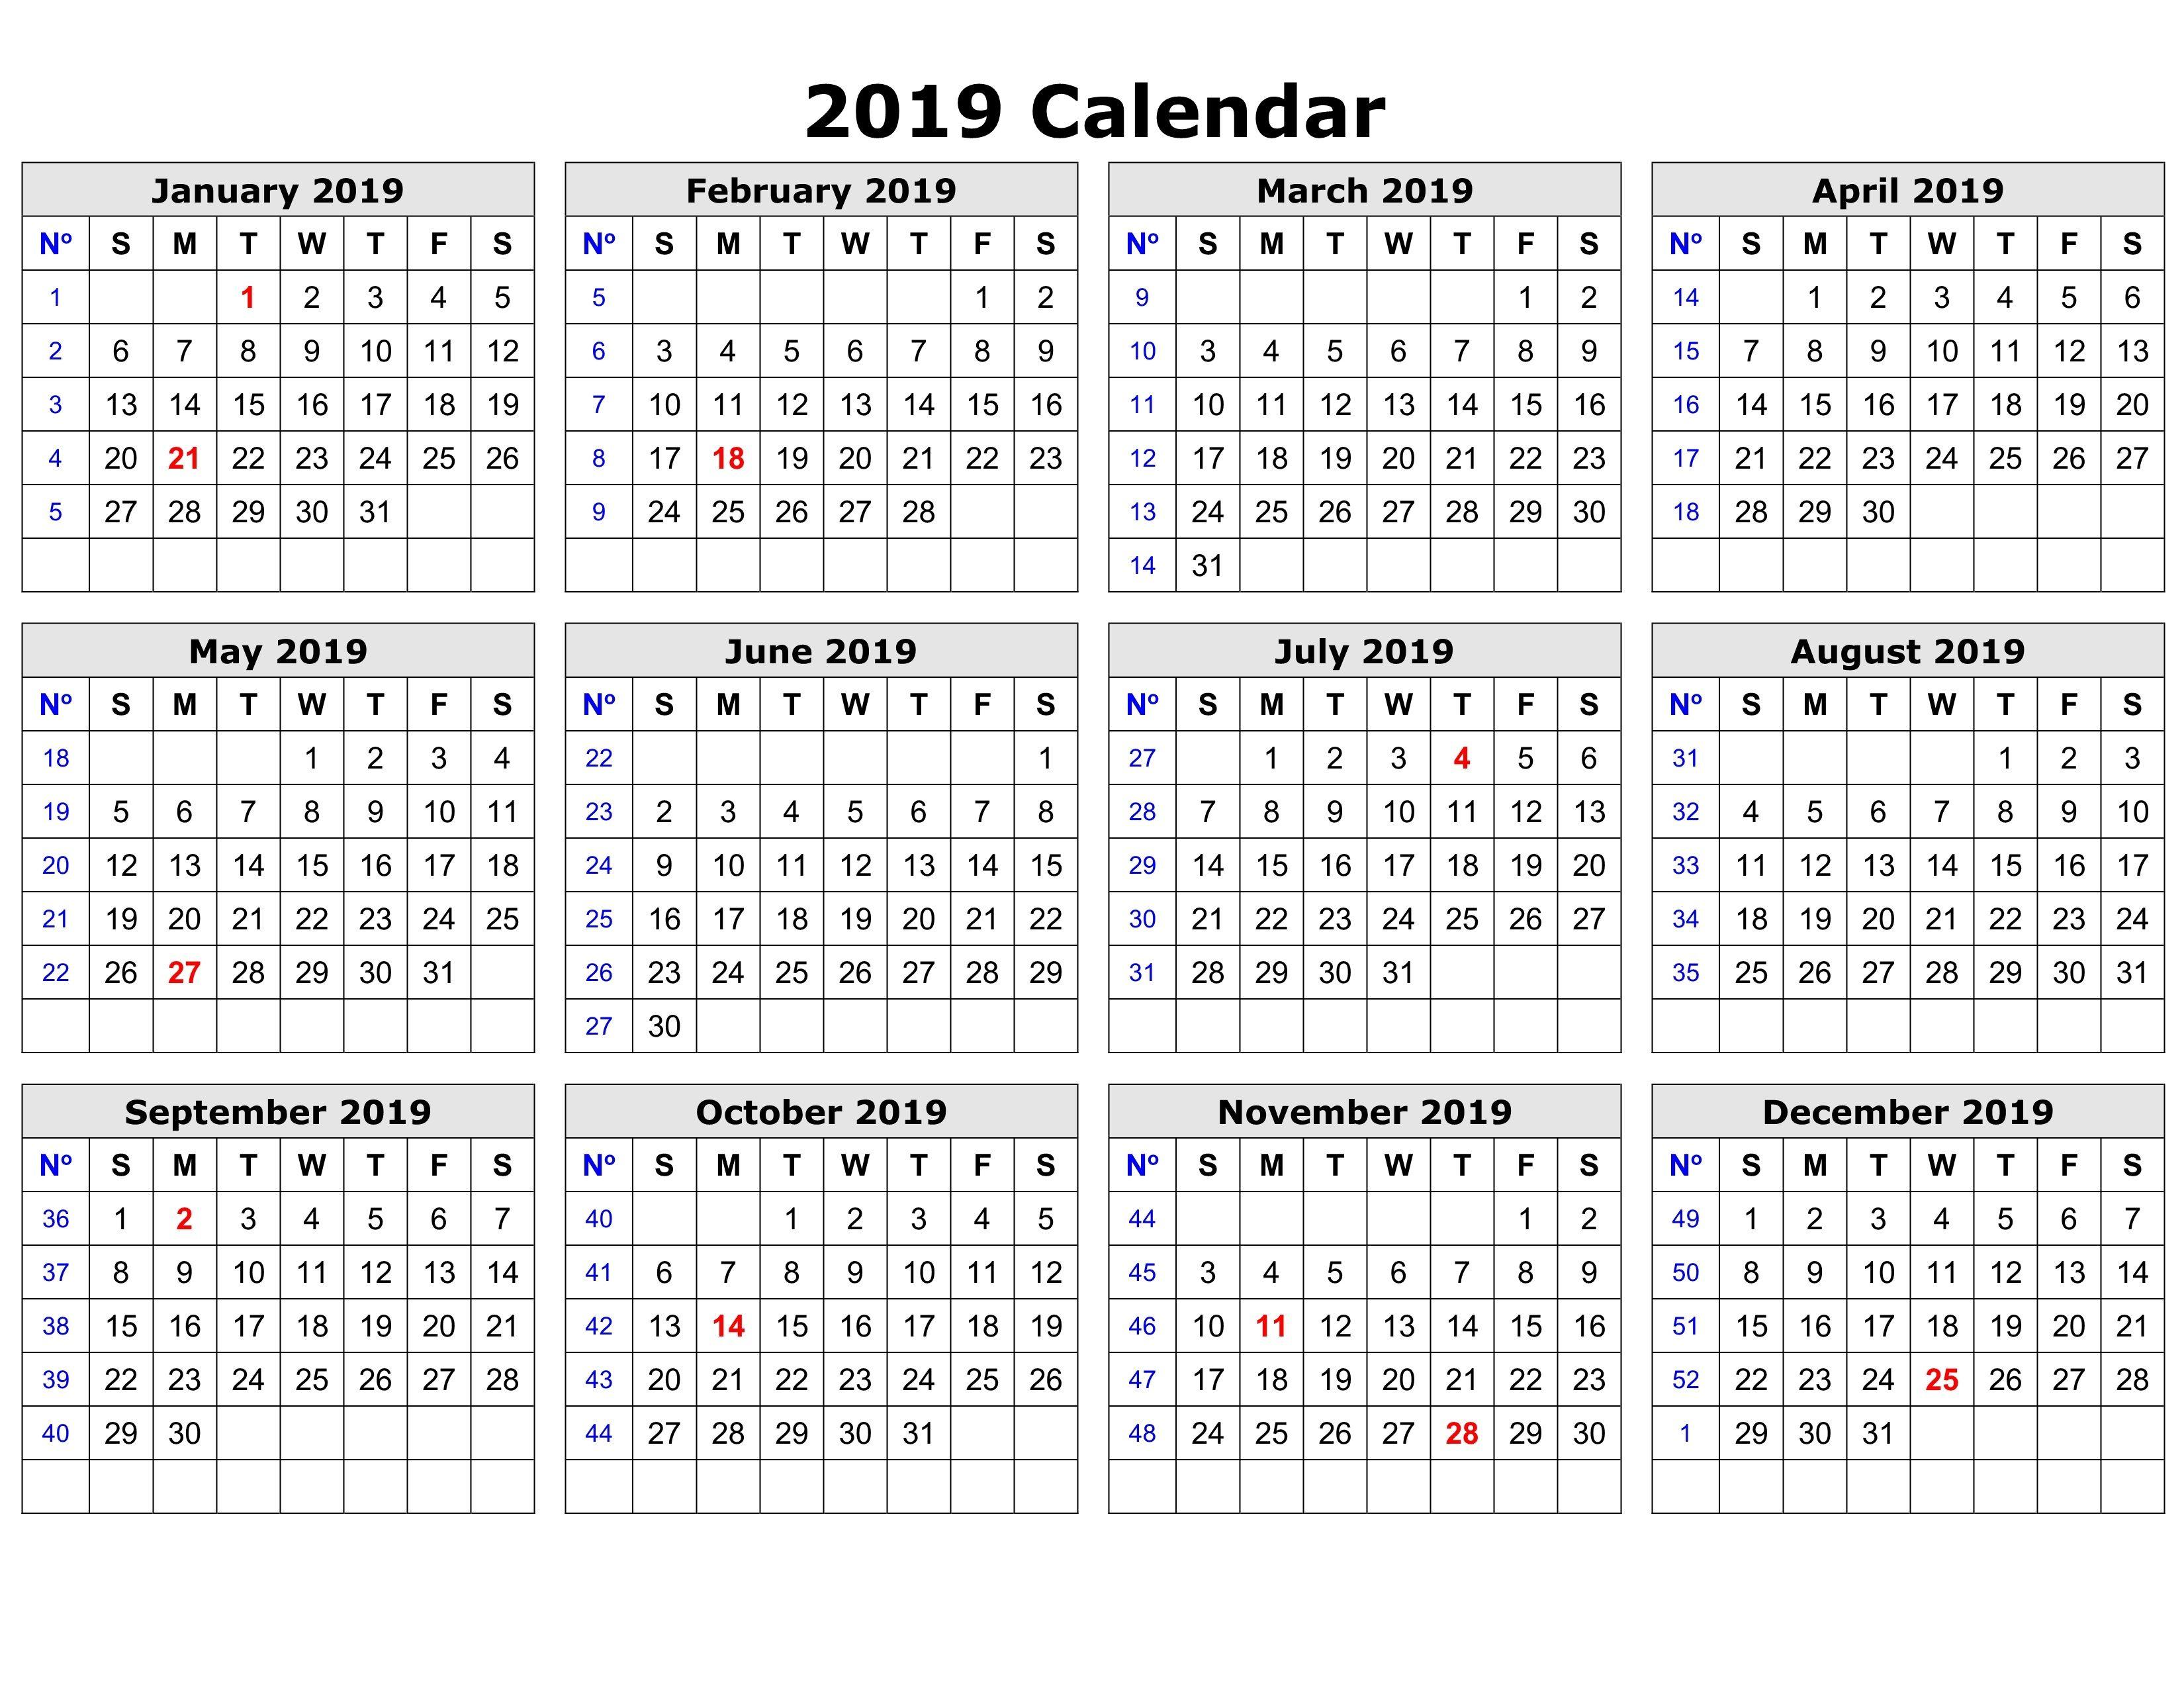 2019 Calendar Printable With Notes Calendar2019 Printablecalendar